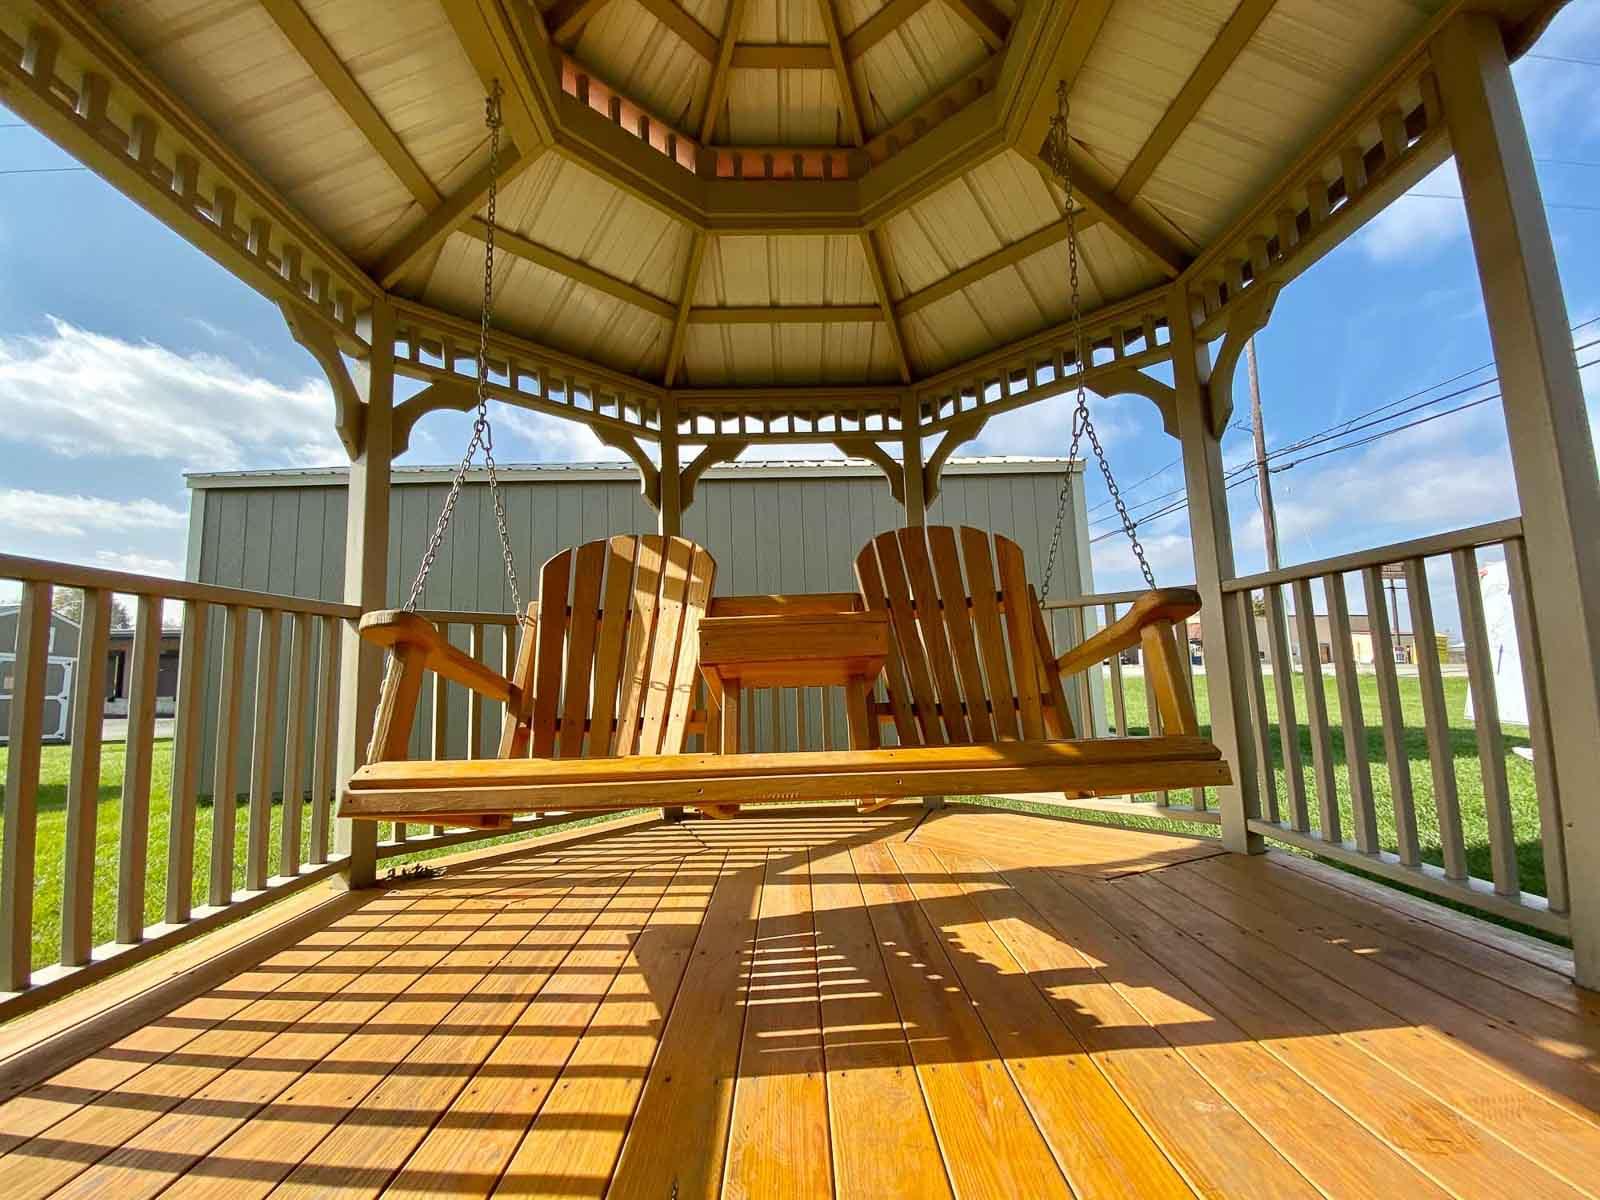 Amish Gazebo Swing on Sunny Day